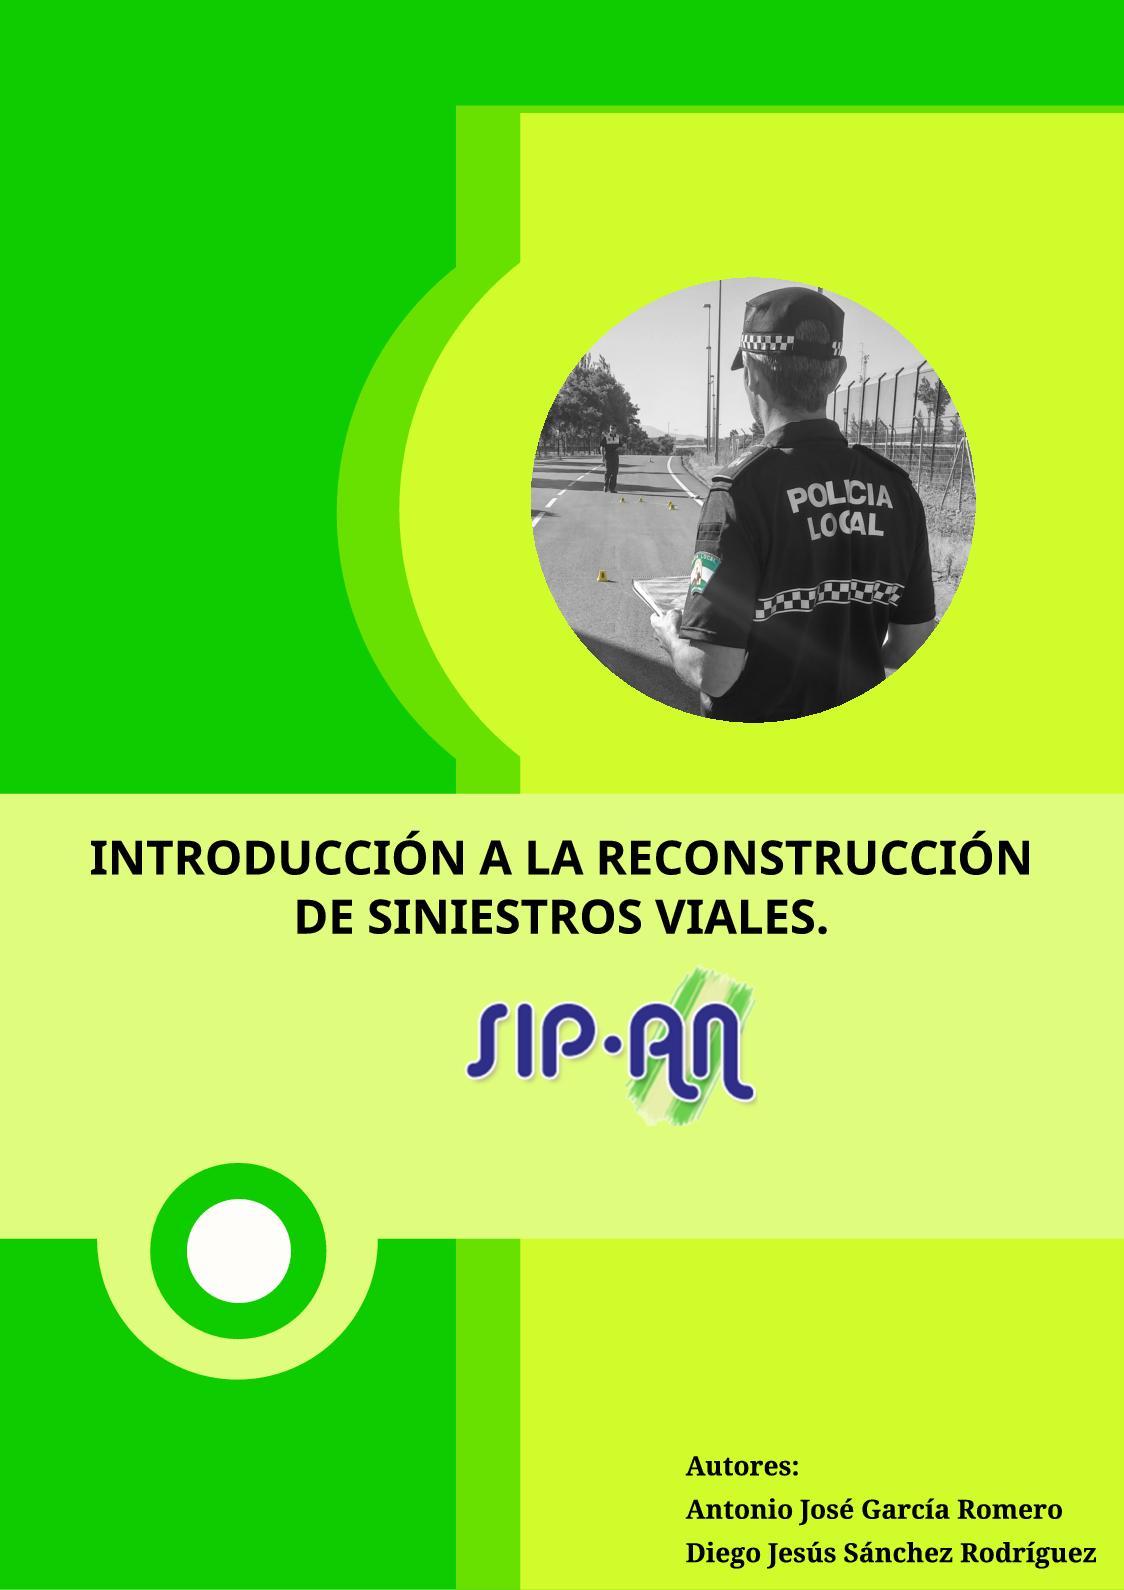 Introducción A La Reconstrucion De Siniestros Viales